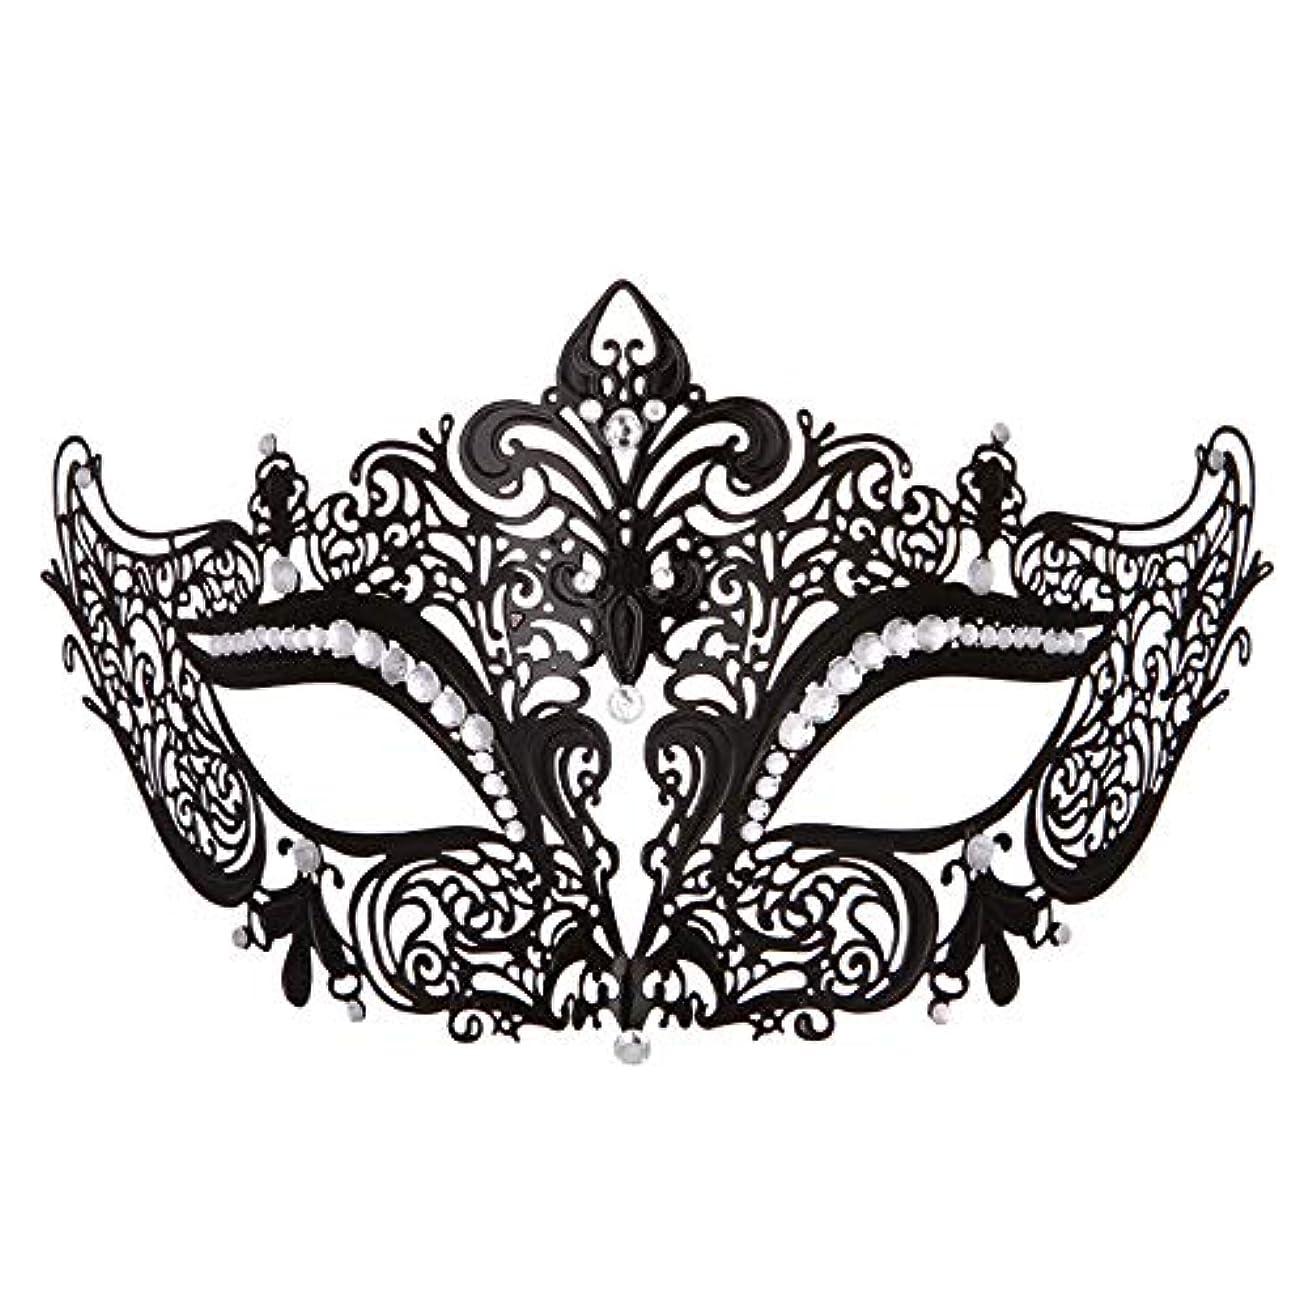 固執リーフレットコントロールダンスマスク 高級金属鉄マスク女性美少女中空ハーフフェイスファッションナイトクラブパーティー仮面舞踏会マスク パーティーボールマスク (色 : 白, サイズ : 19x8cm)